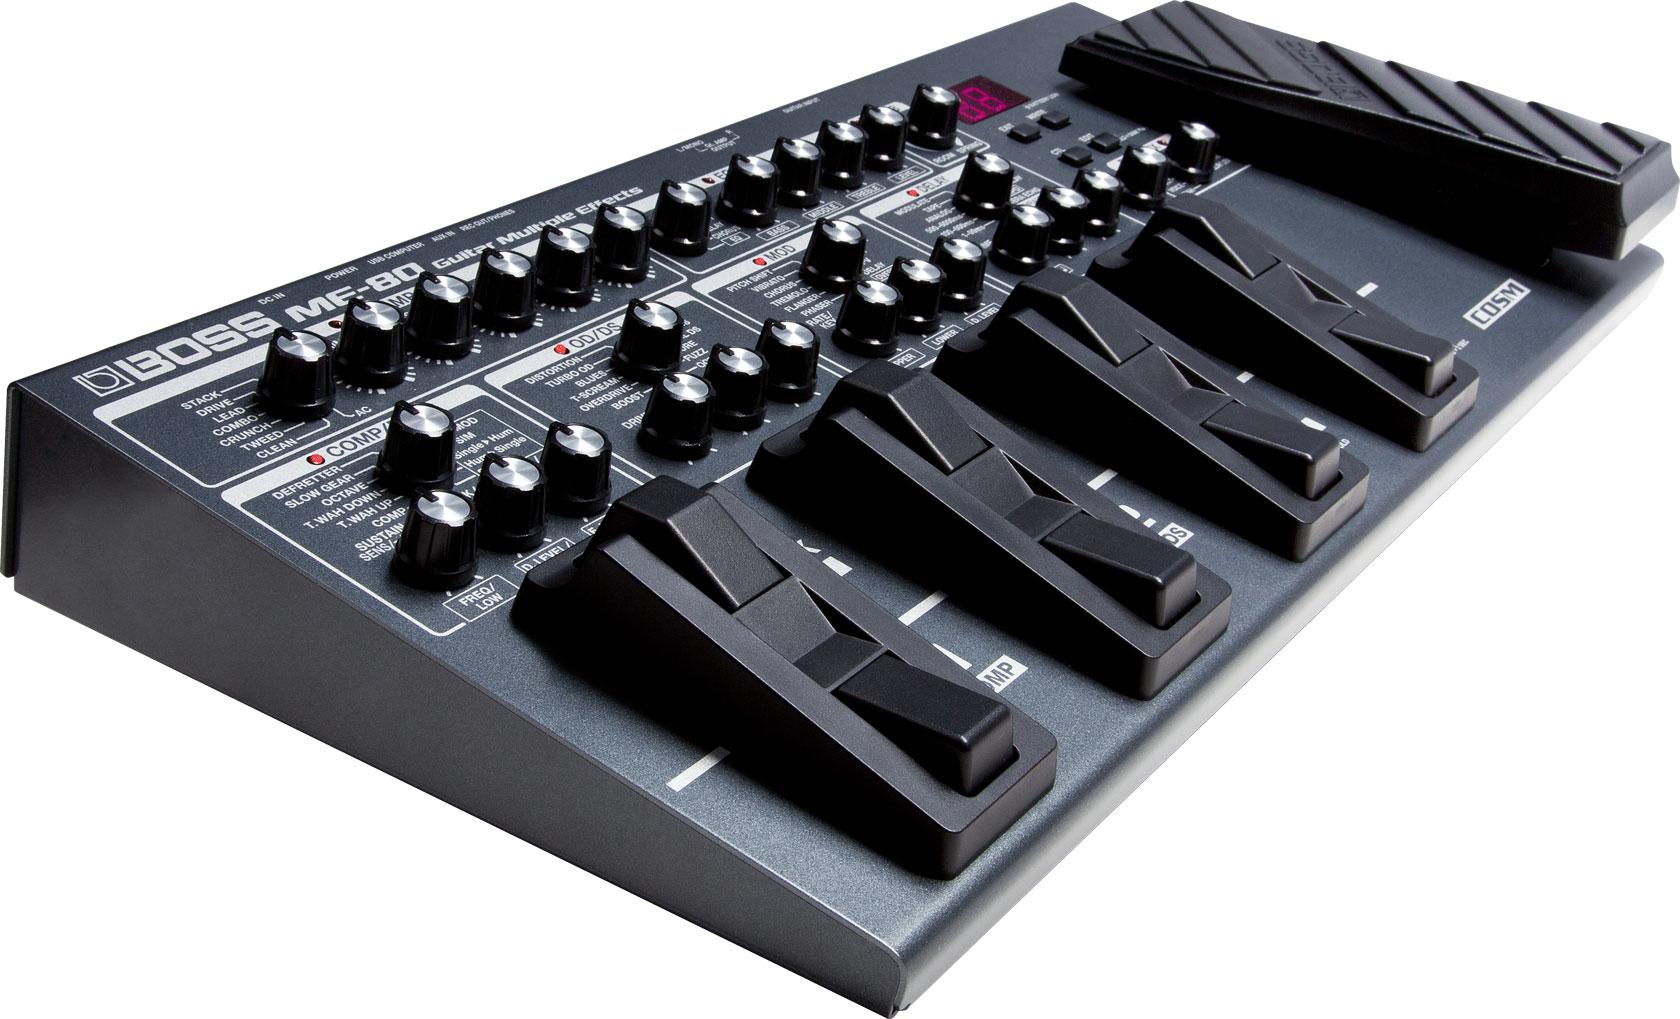 Roland ME-80 multi effect unit